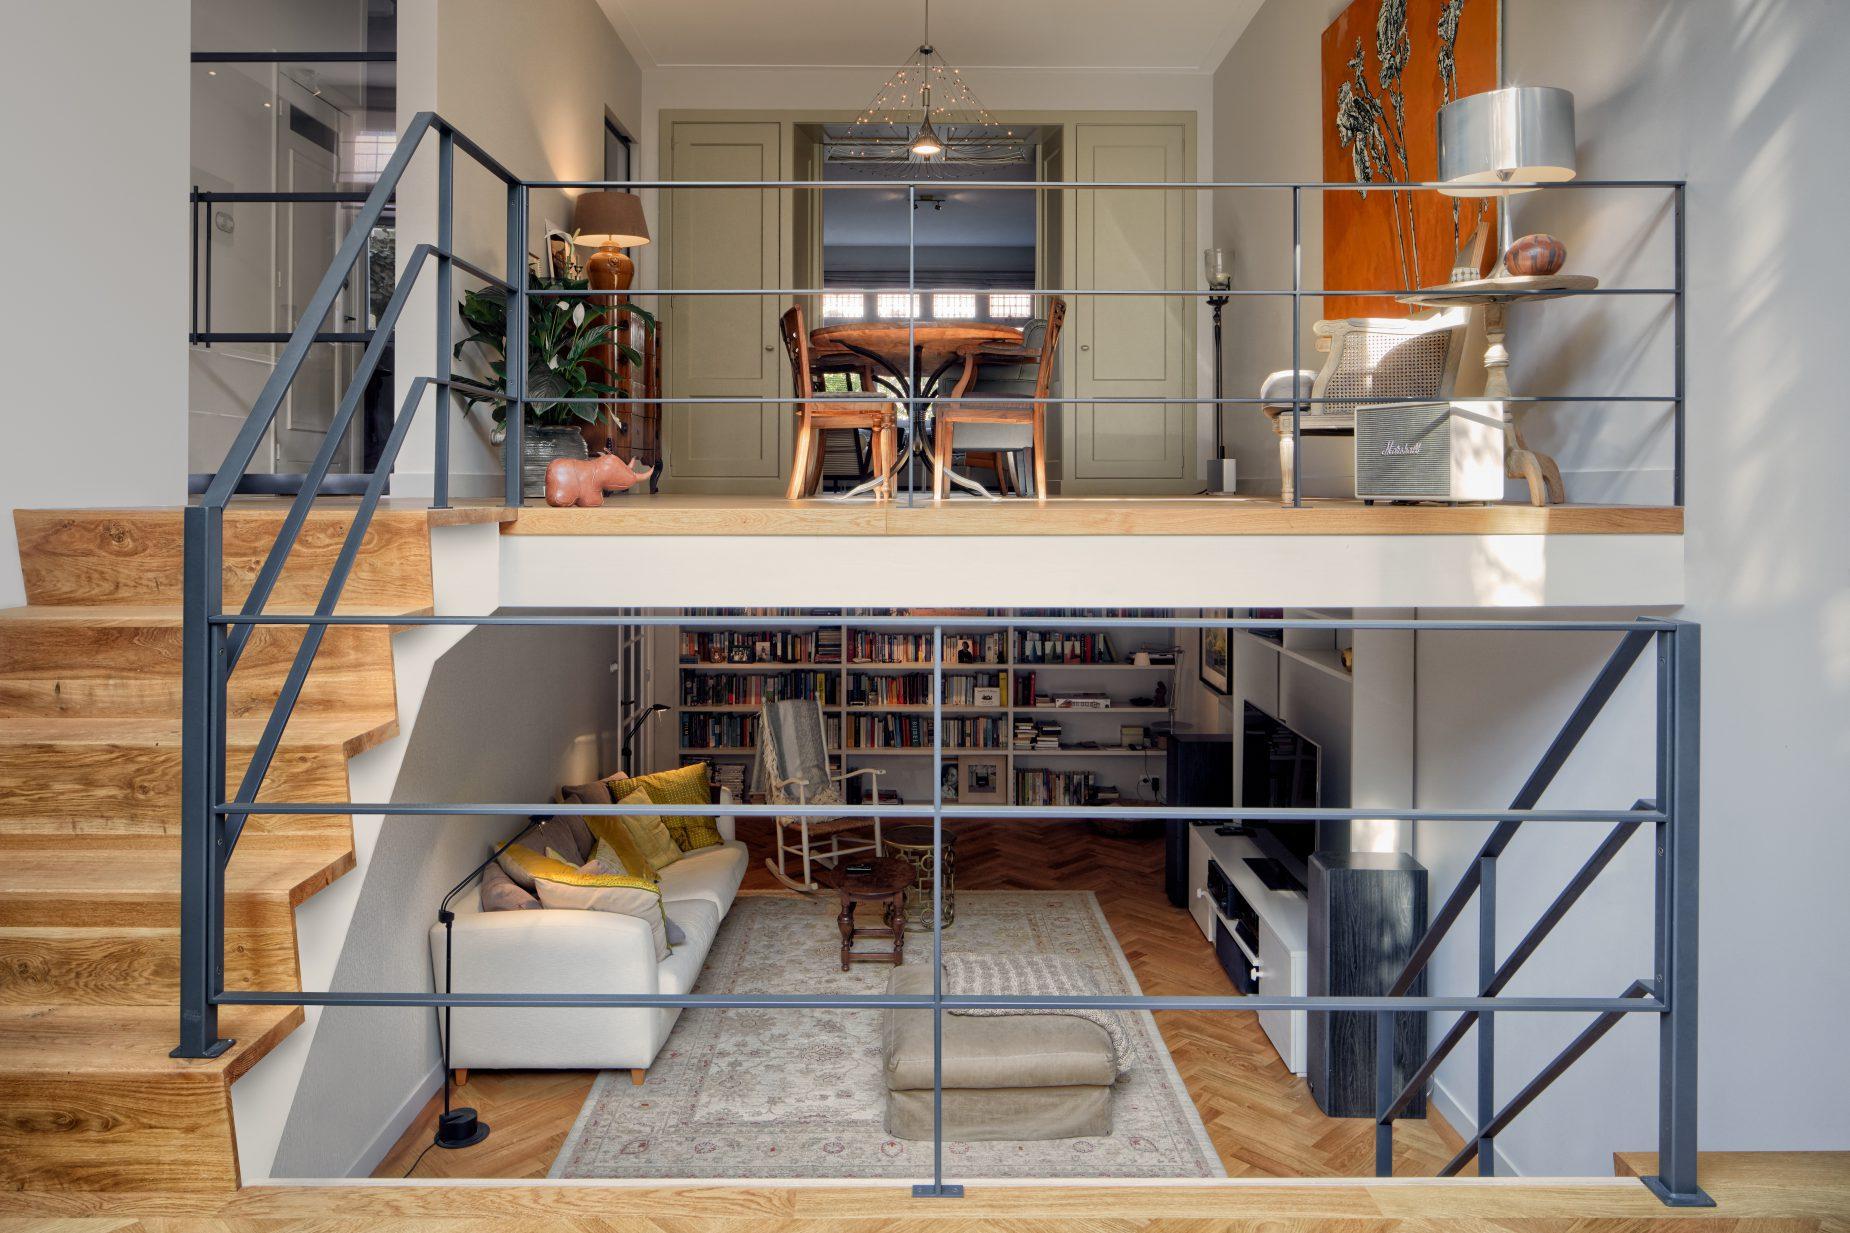 Architect in Amsterdam Oud Zuid maakt ontwerp voor verbouw en renovatie van bestaande herenhuizen en luxe appartementen.